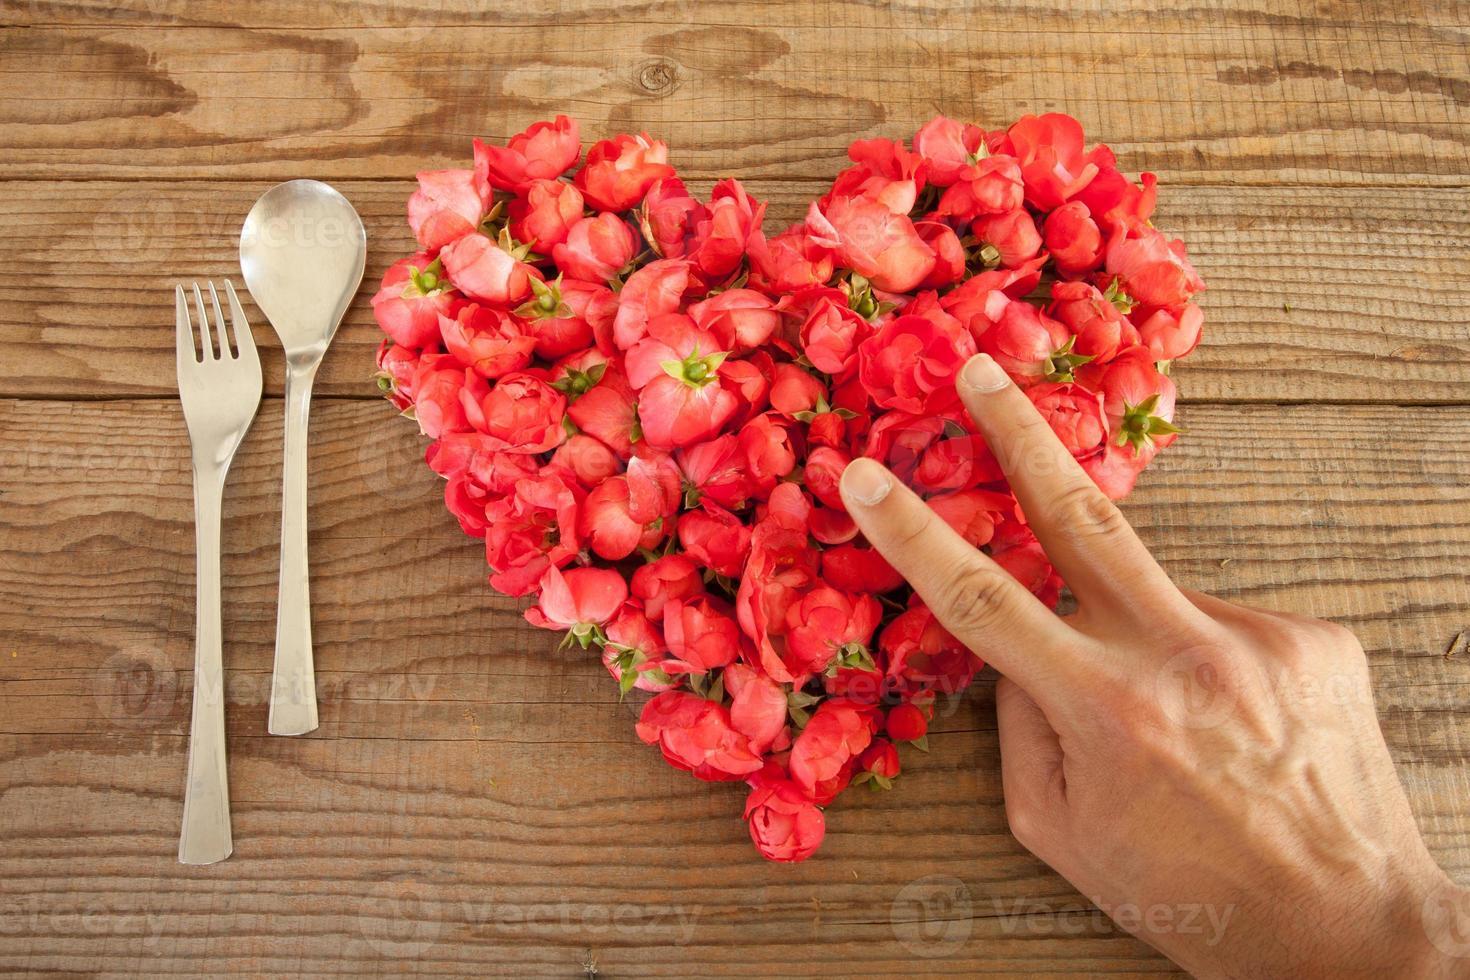 hart gemaakt van rode rozen op houten achtergrond, tijdens de lunch foto